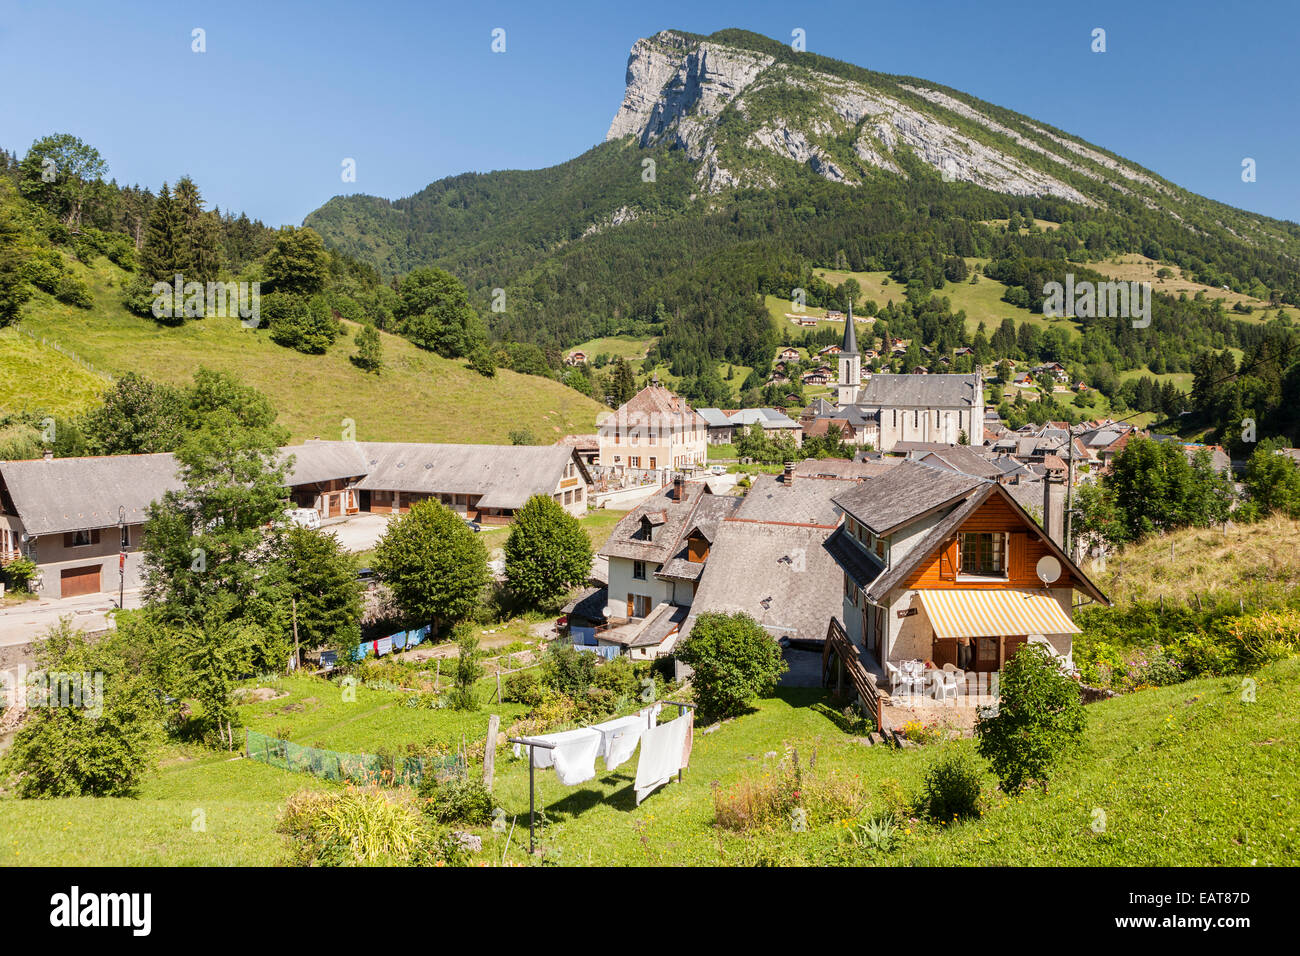 Saint Pierre d'Entremont, Parc Naturel de la Chartreuse, Savoie, Rhône-Alpes, France - Stock Image